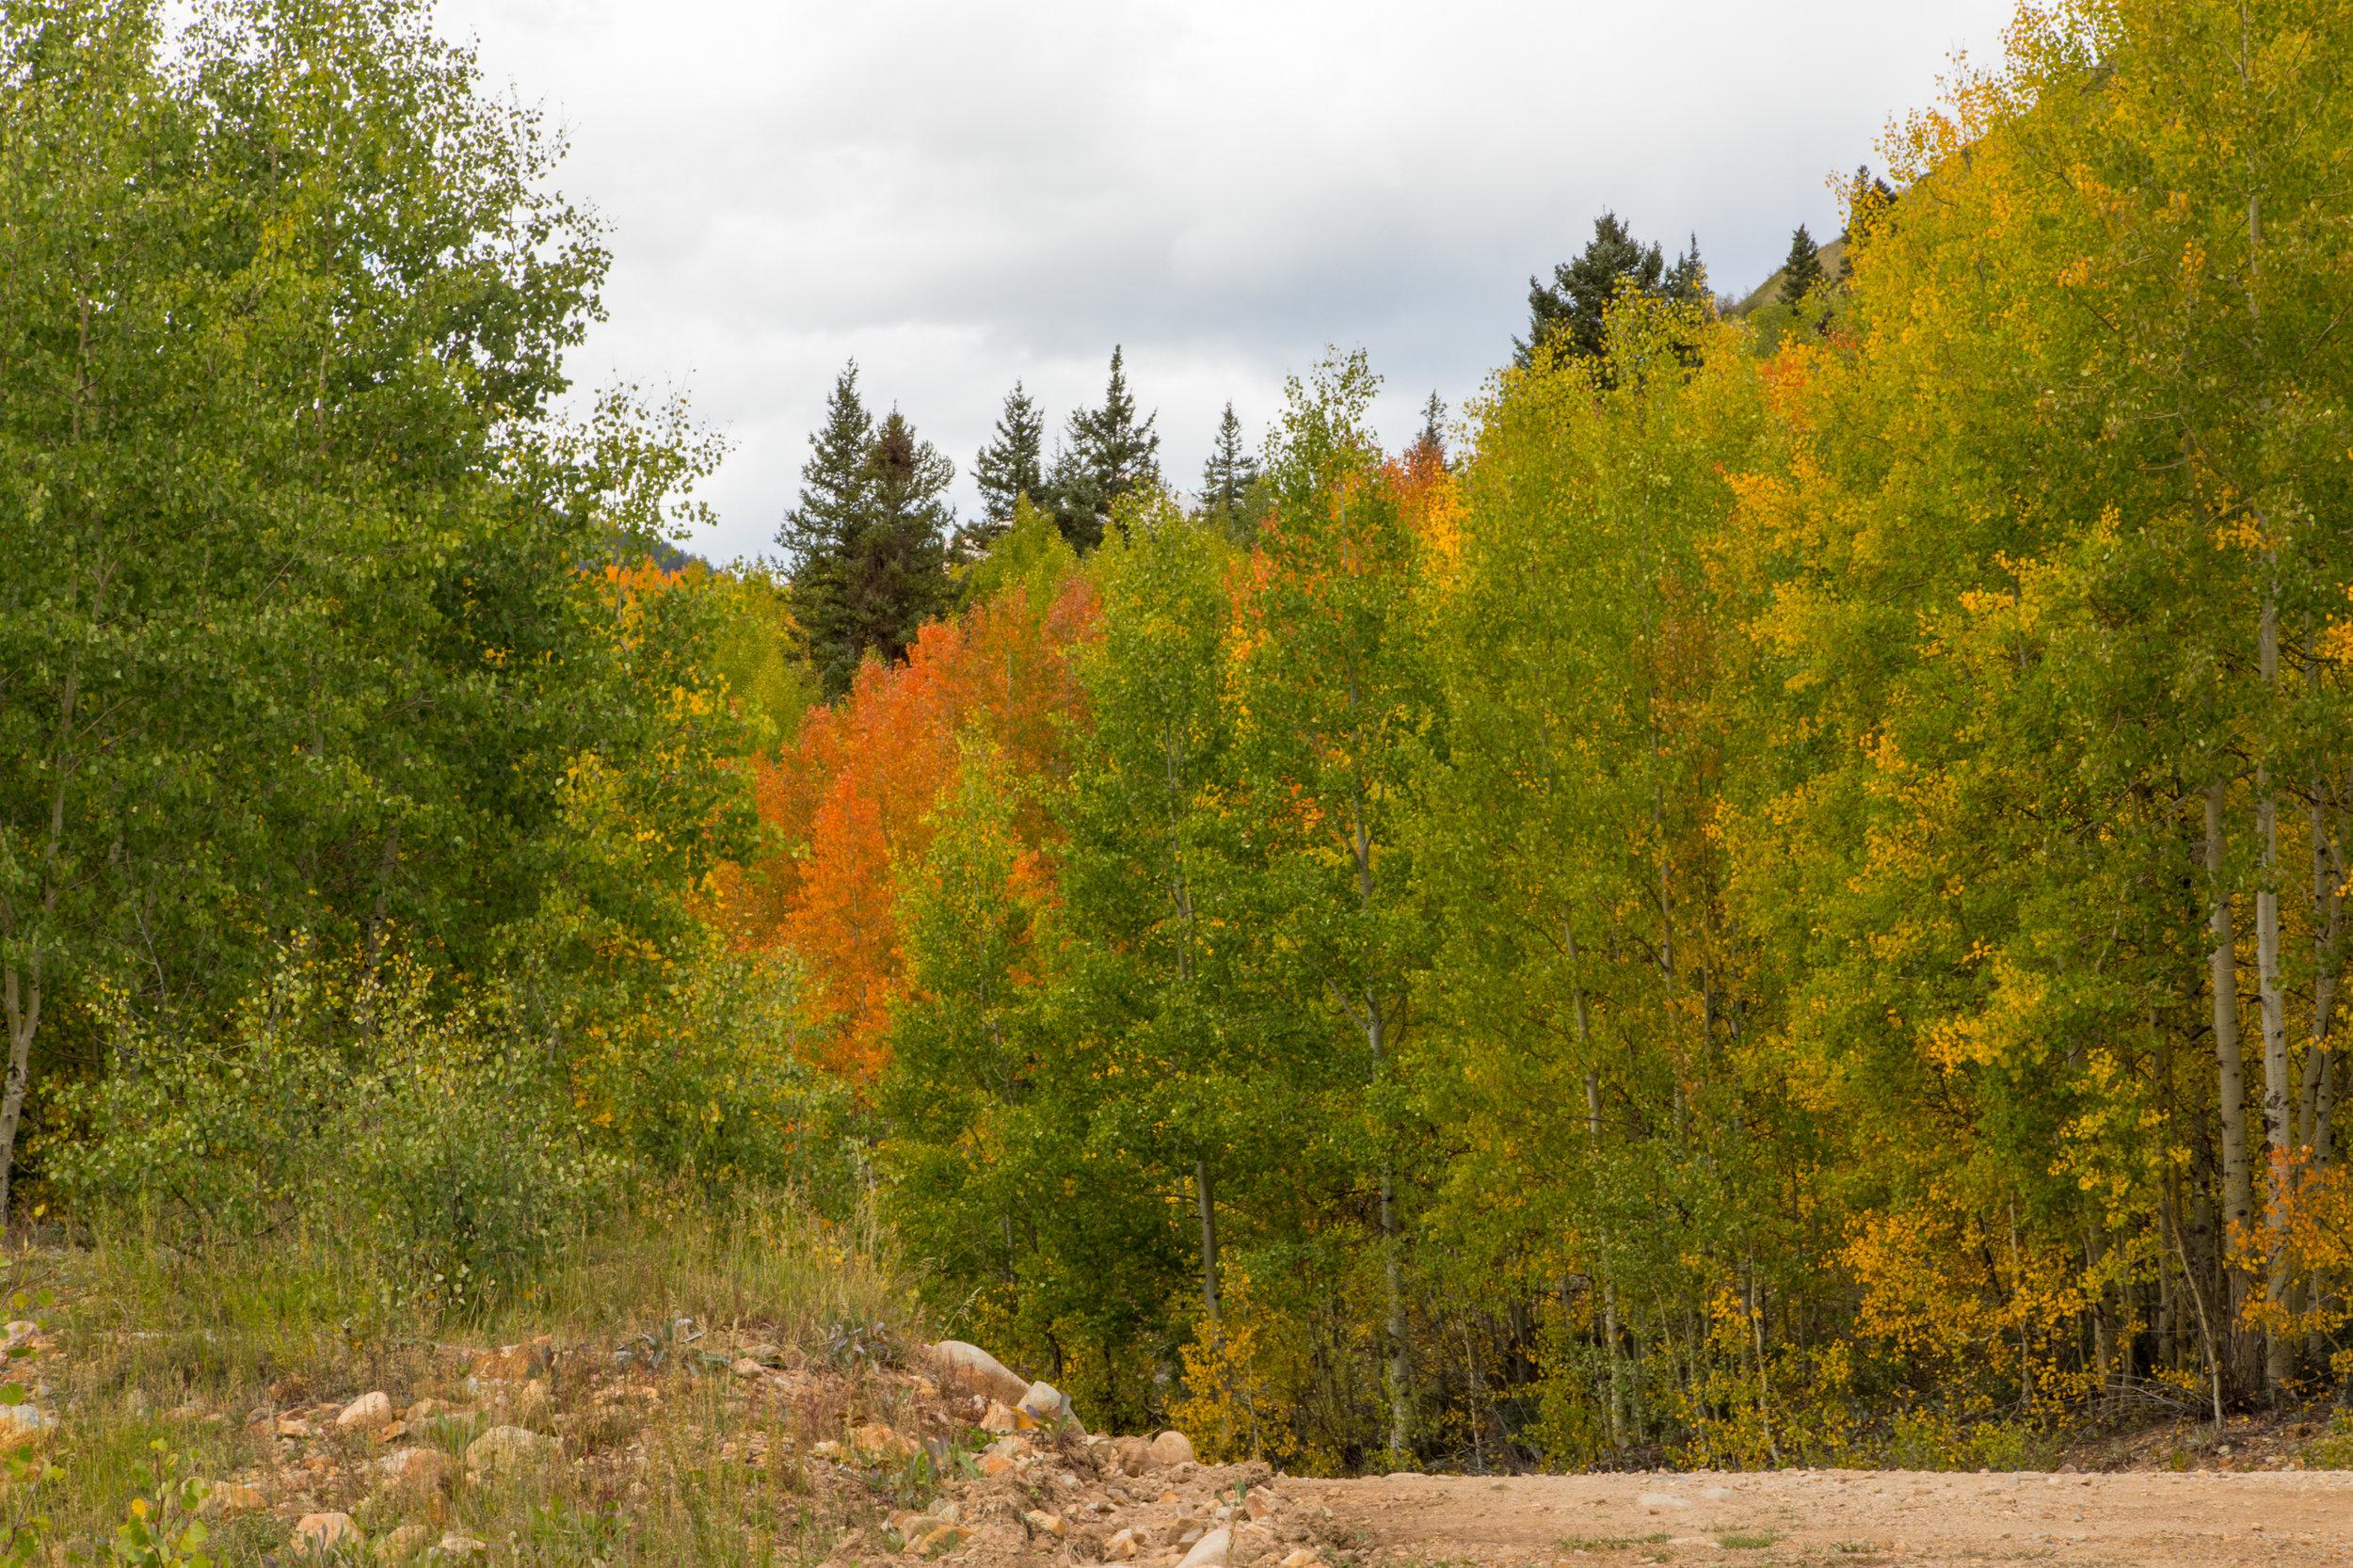 Silverton, Colorado, Image # 9974